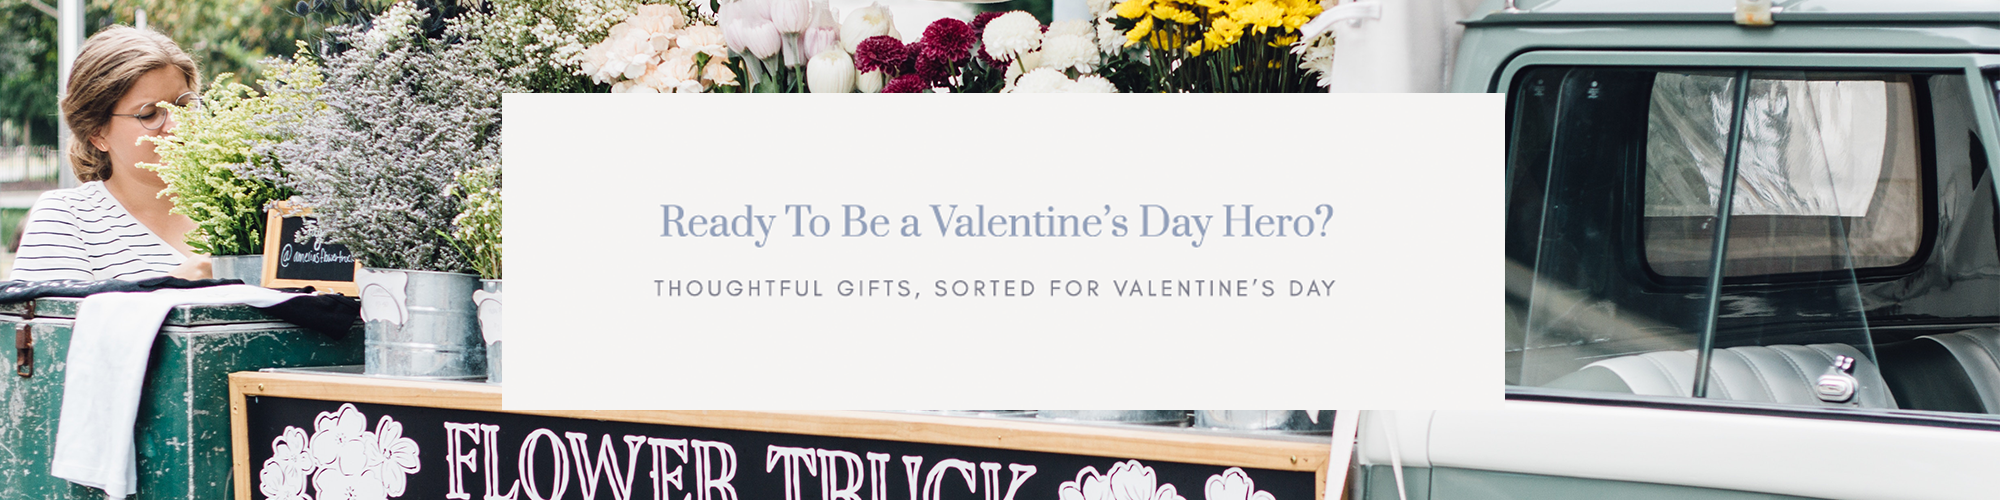 TG_Valentine_BANNER_1_1.png